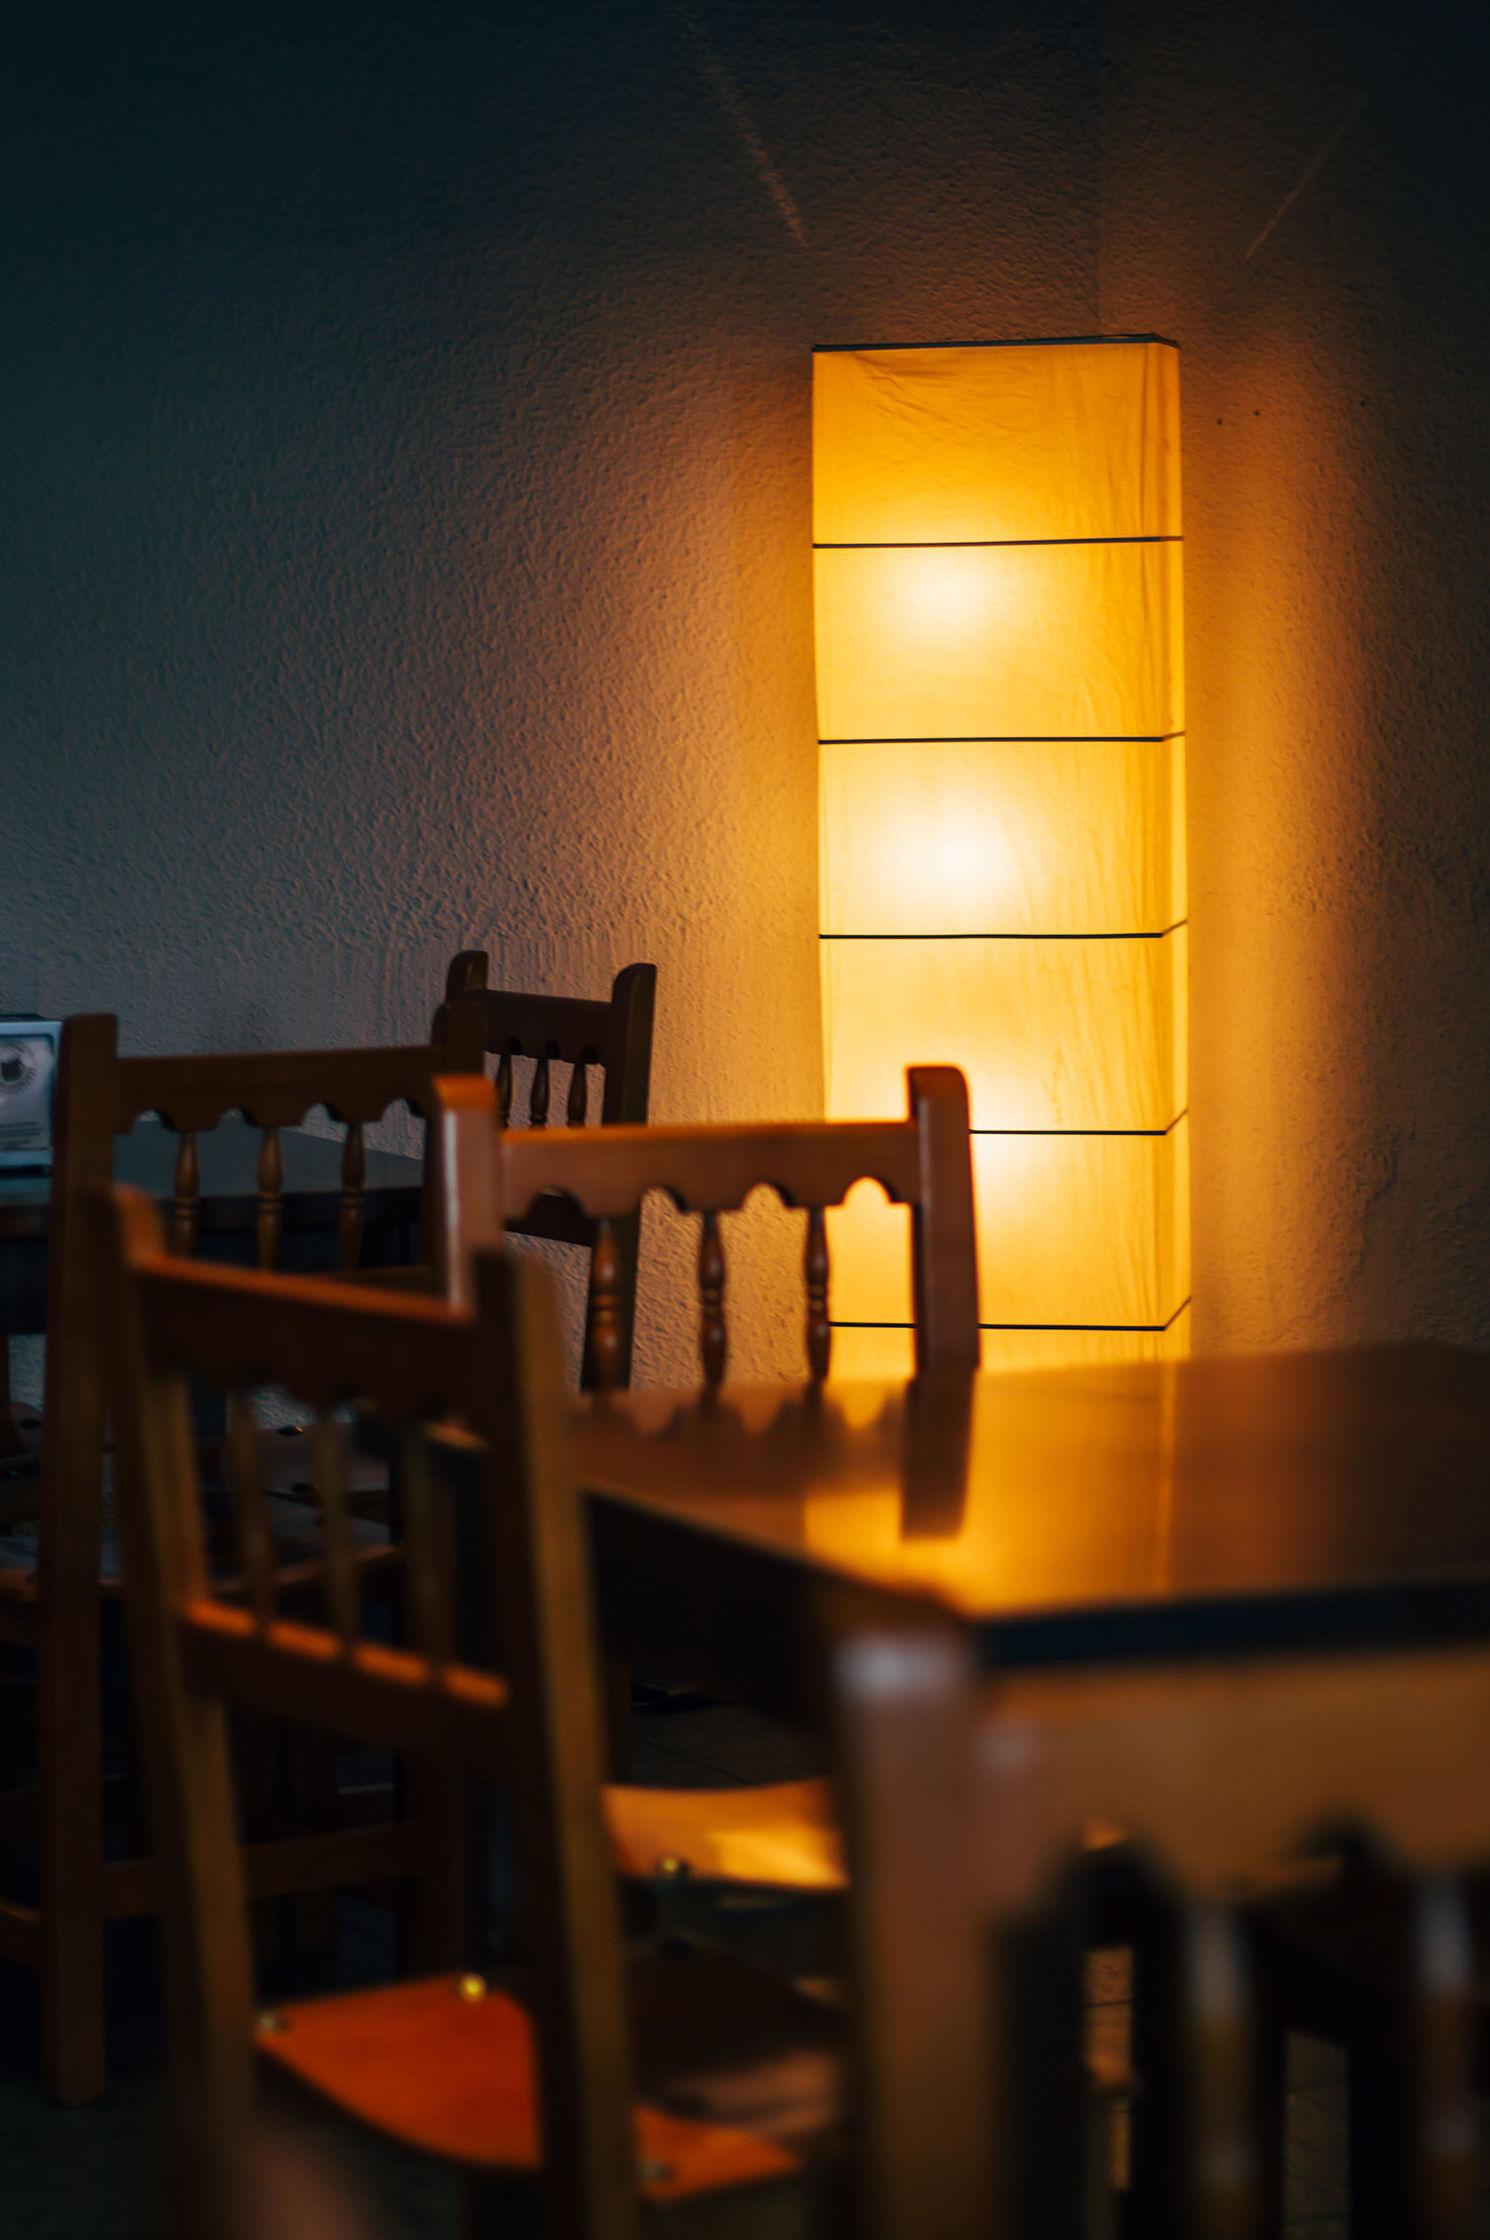 Comidas y cenas en un ambiente acogedor